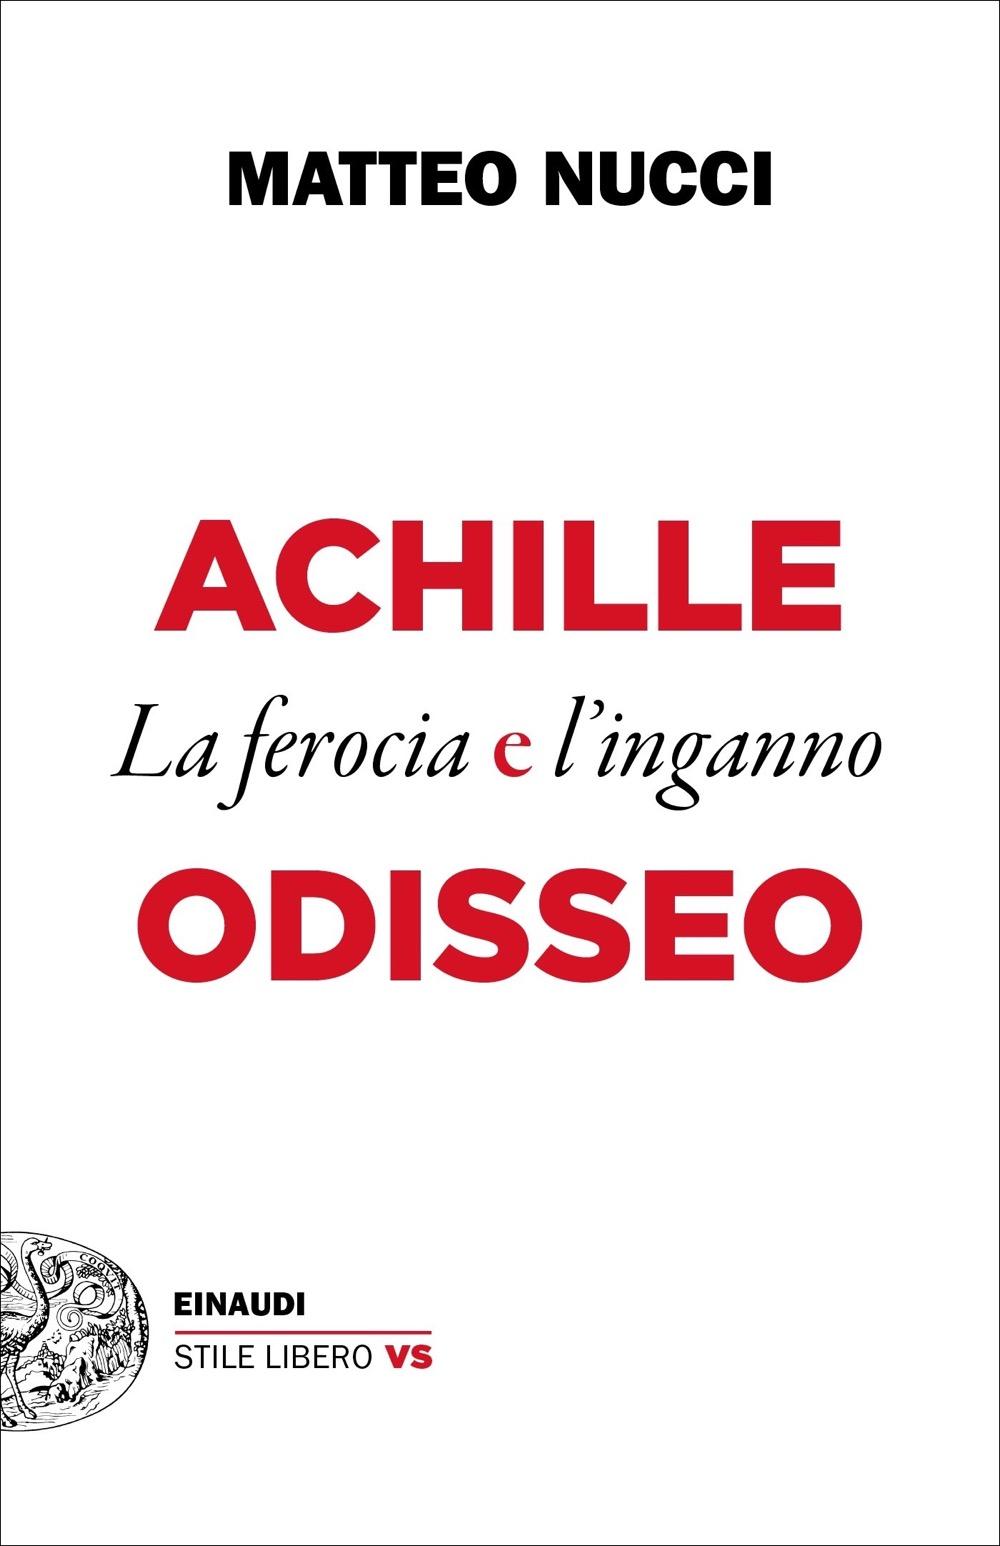 Achille e Odisseo, Matteo Nucci. Giulio Einaudi Editore - Stile ...